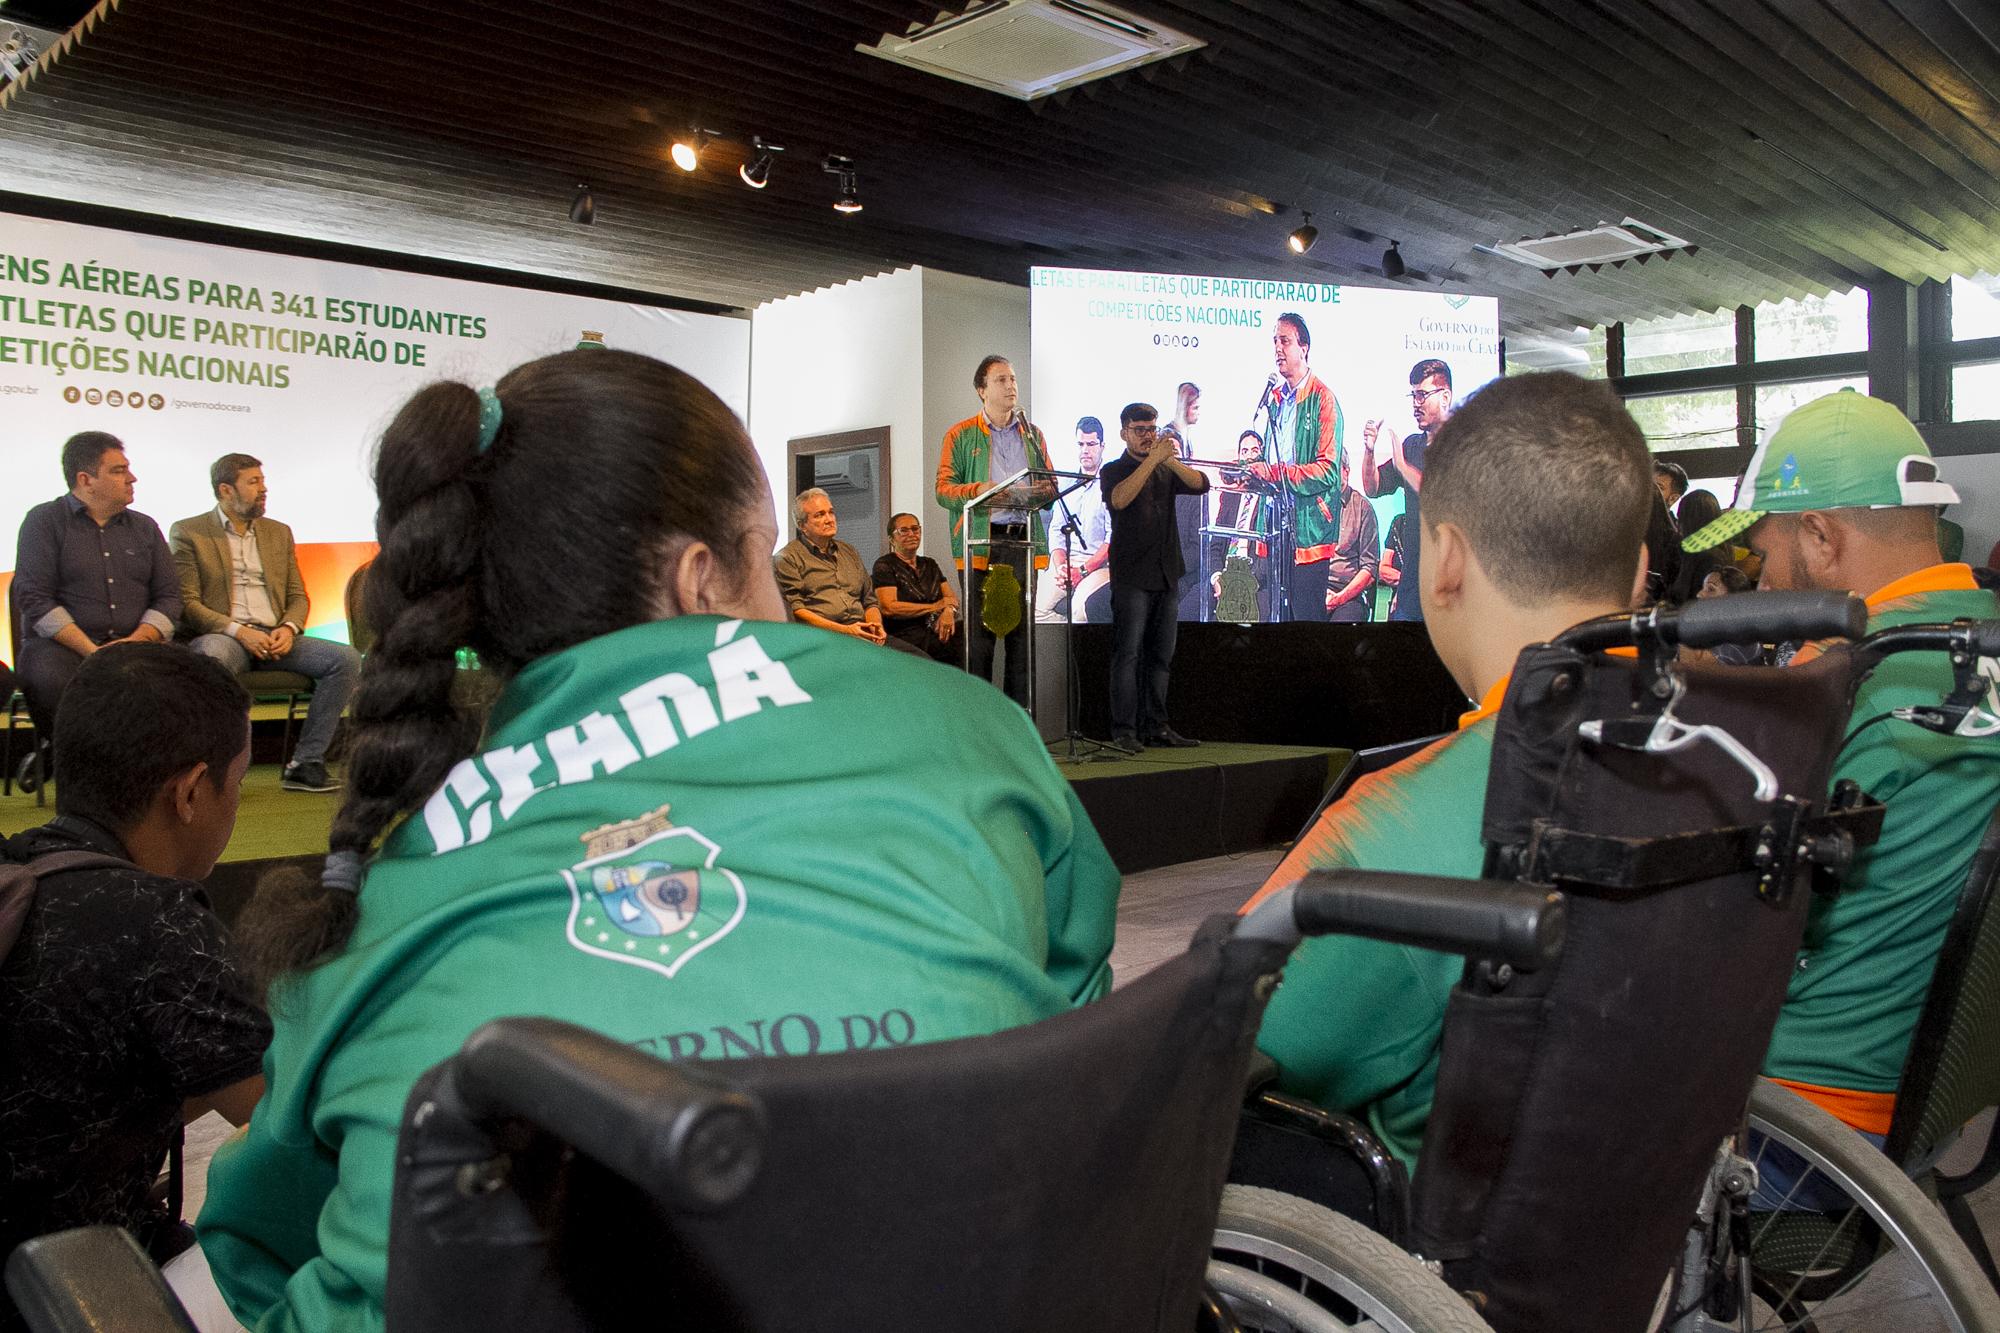 Atletas e paratletas recebem passagens aéreas para Jogos Escolares em Blumenau e São Paulo